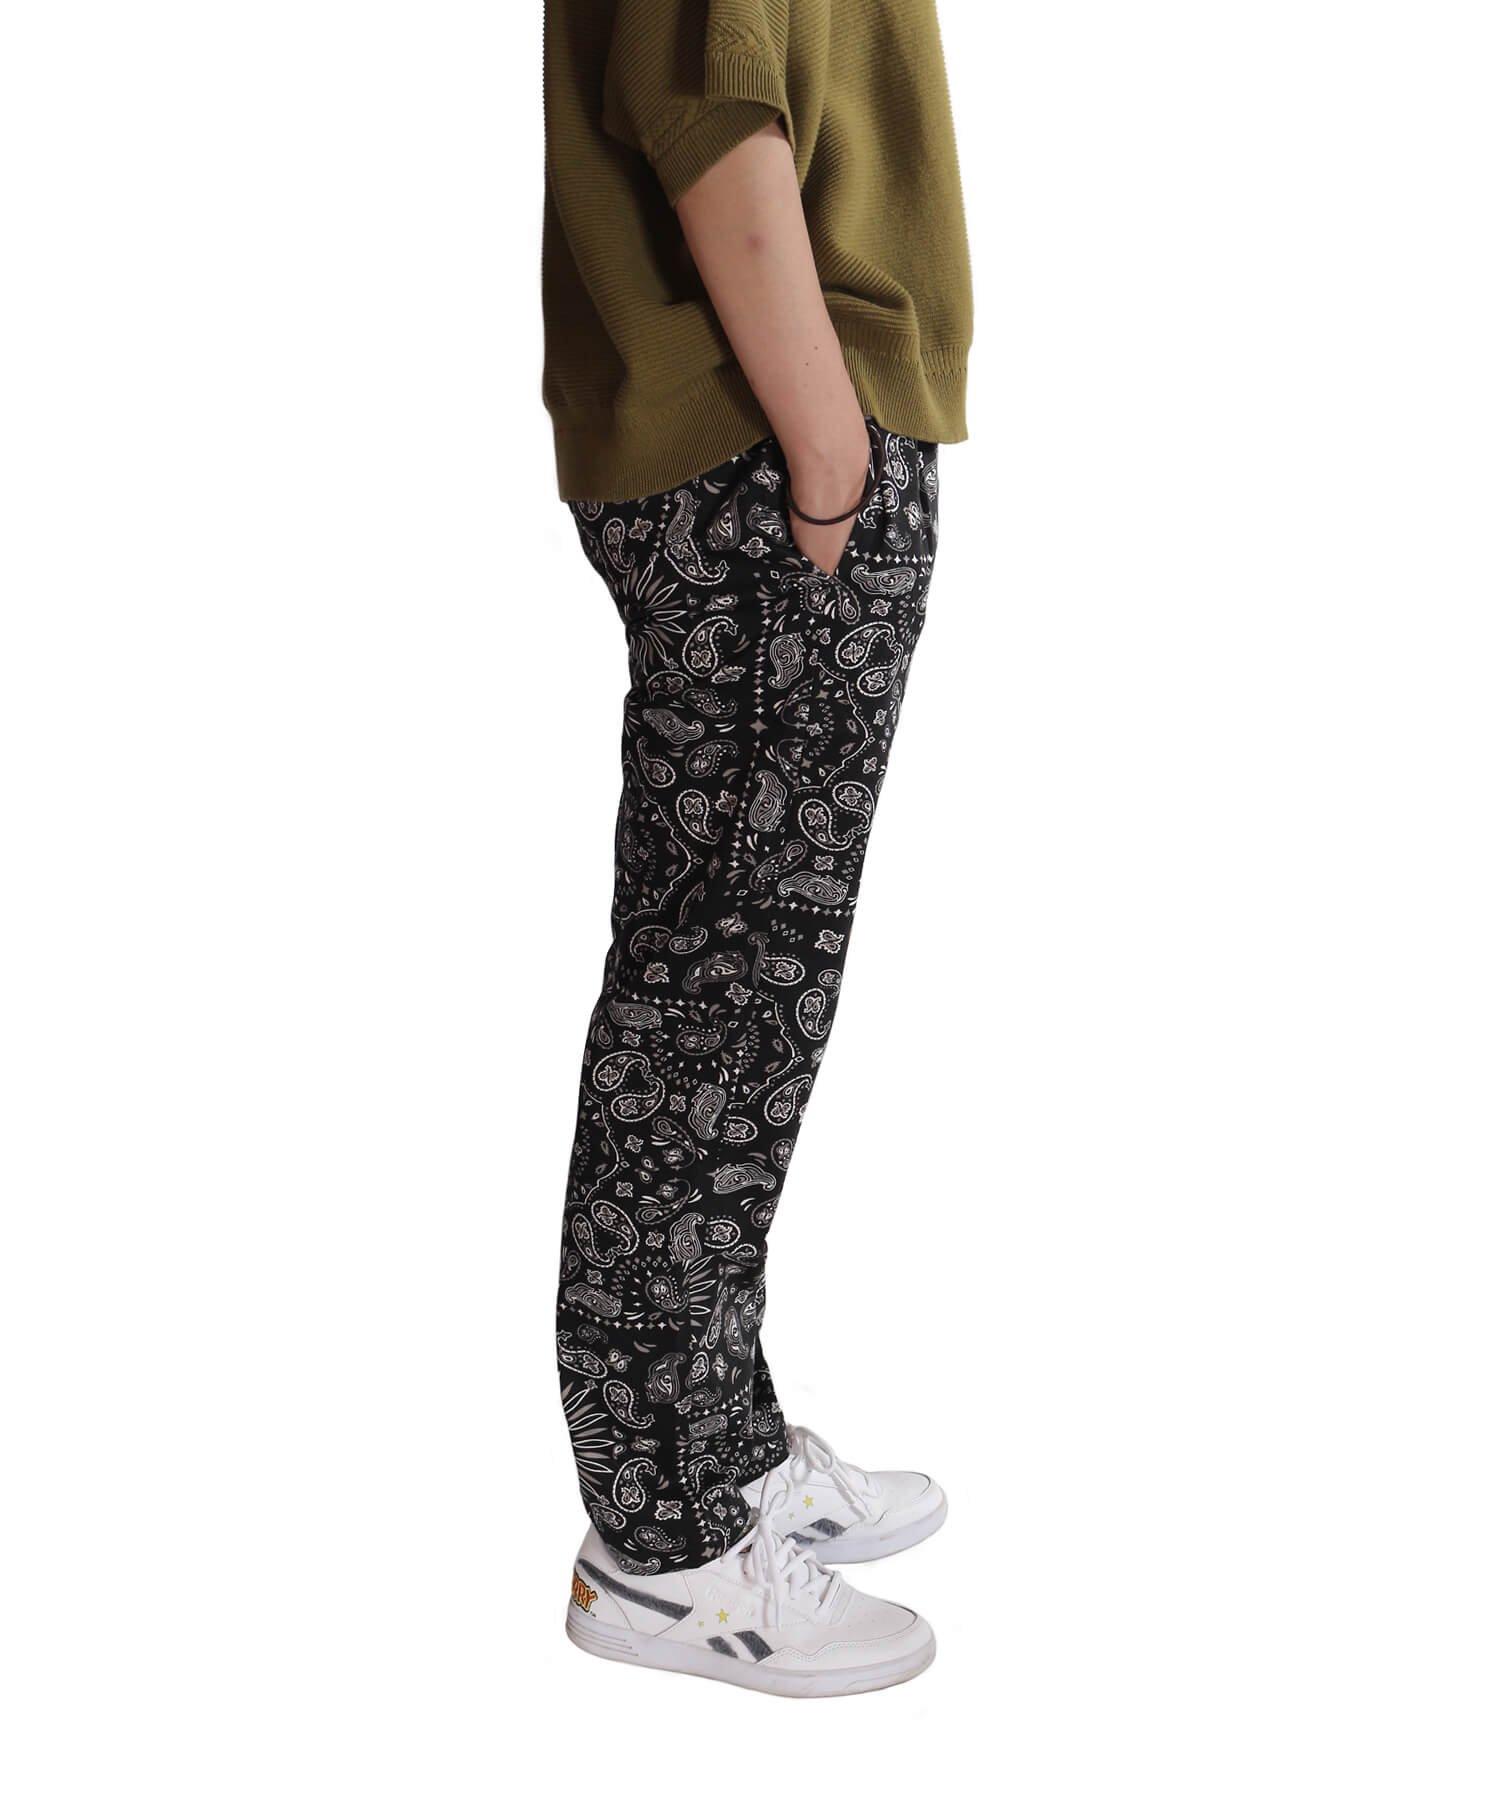 COOKMAN / クックマン   WAITER'S PANTS (PAISLEY BLACK):ウェイターズパンツ 商品画像21